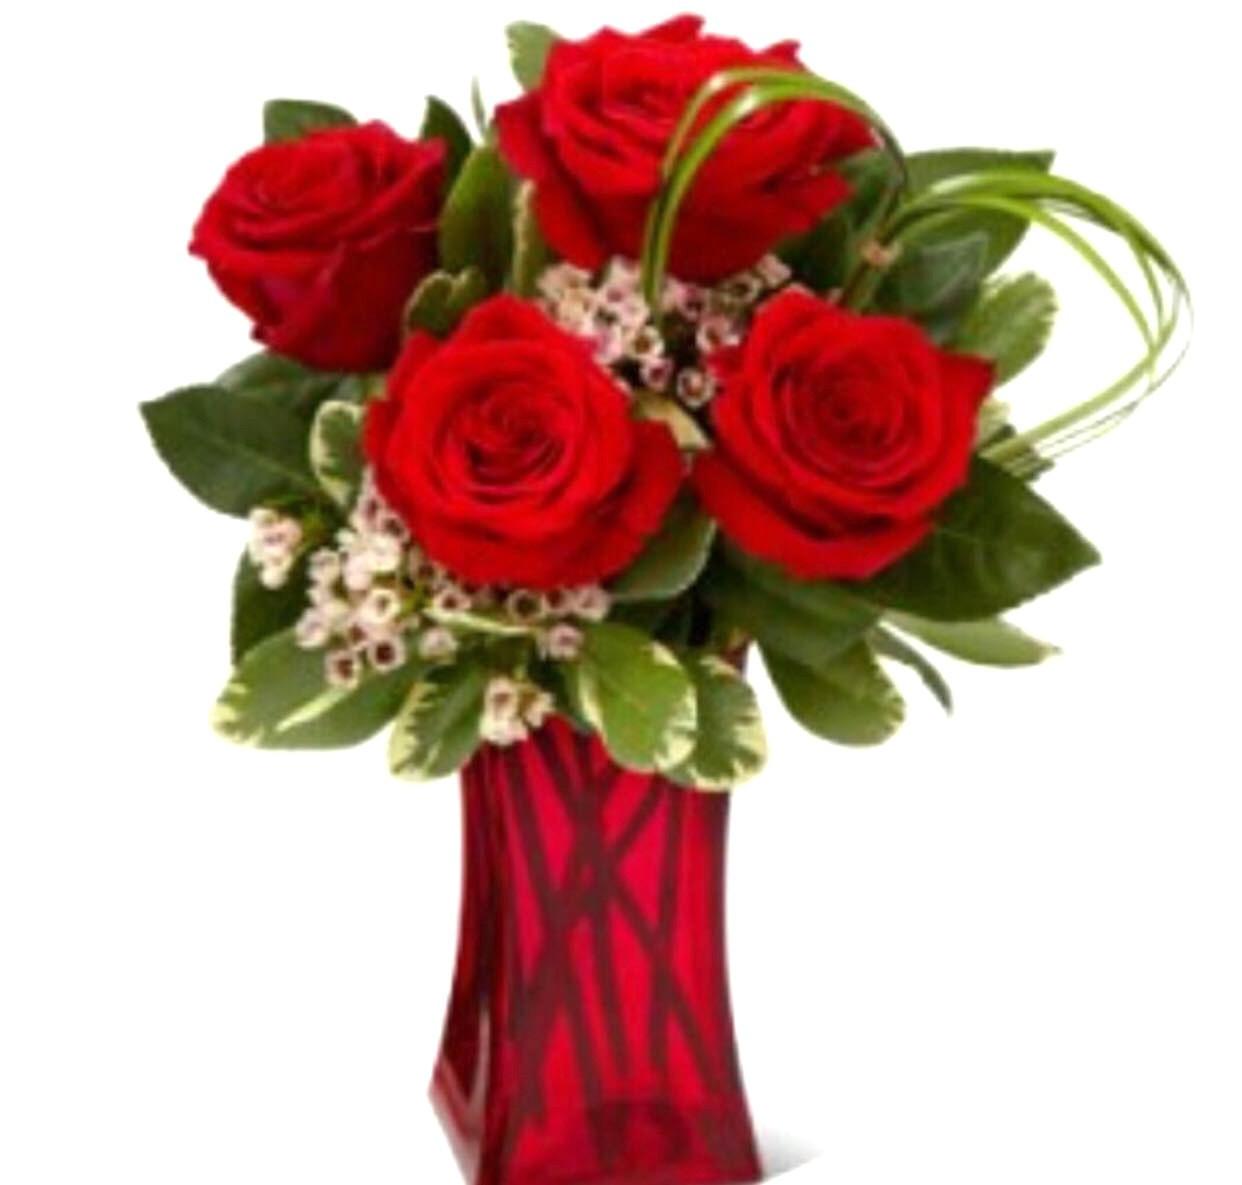 roses with vase of elegant roses in a vase pictures beginneryogaclassesnear me inside flower red modern 6 roses in a vaseh vases s vase vasei 0d